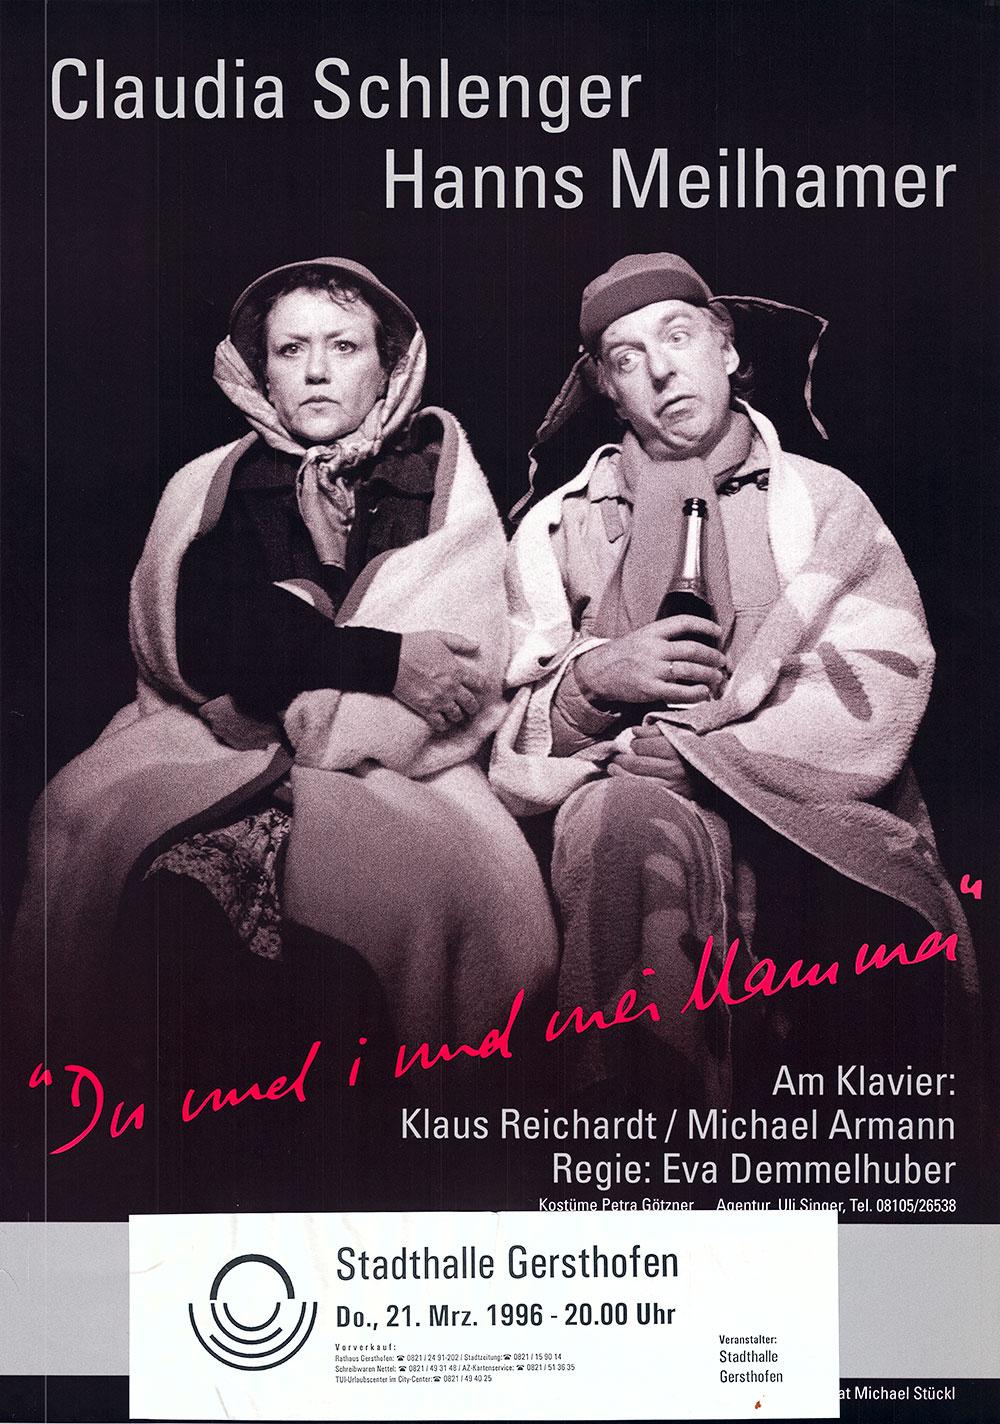 Als Herbert & Schnipsi 1996 das erste Mal in der Stadthalle Gersthofen waren